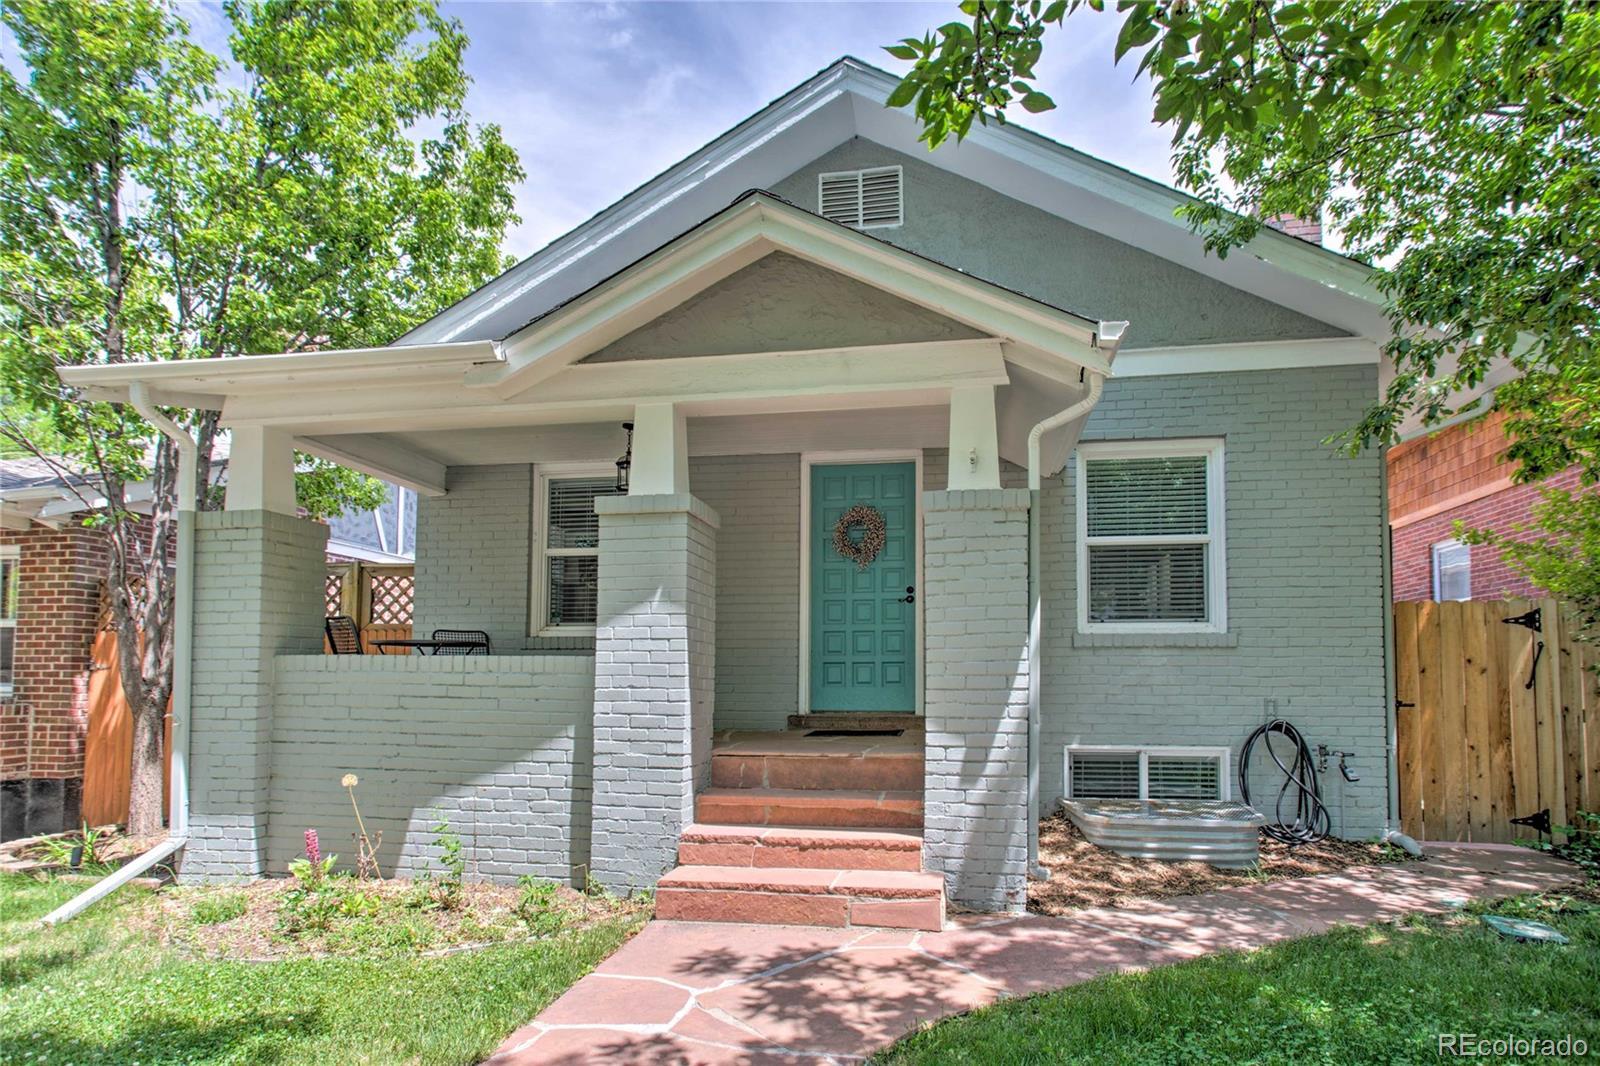 MLS# 4683148 - 1 - 1062 Fillmore Street, Denver, CO 80206